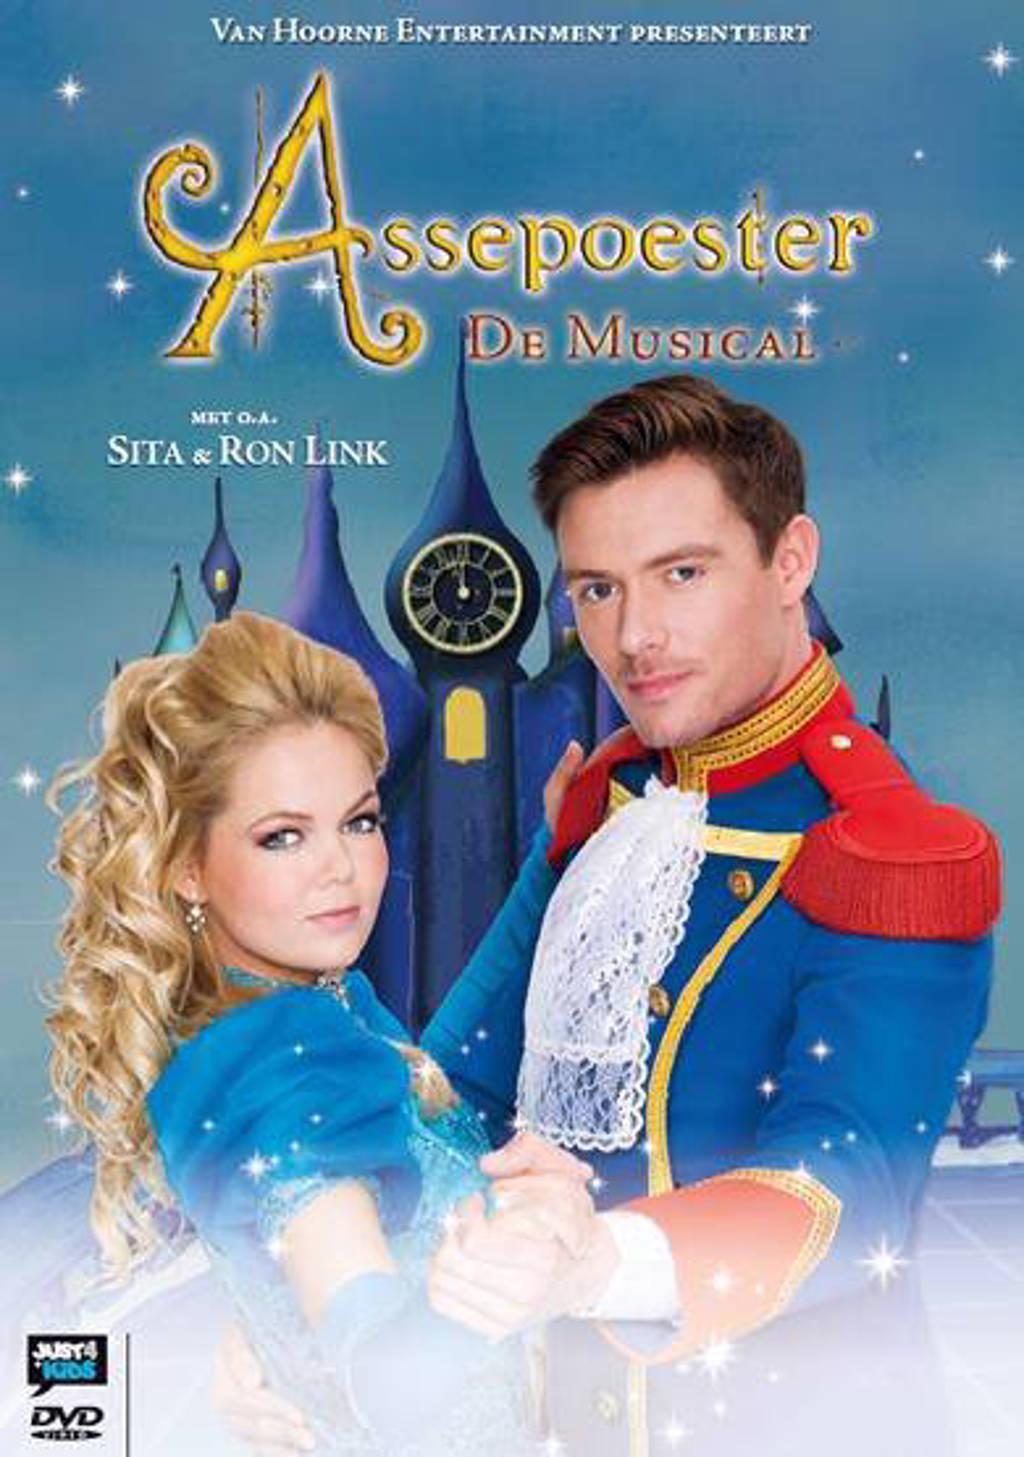 Assepoester de musical (DVD)